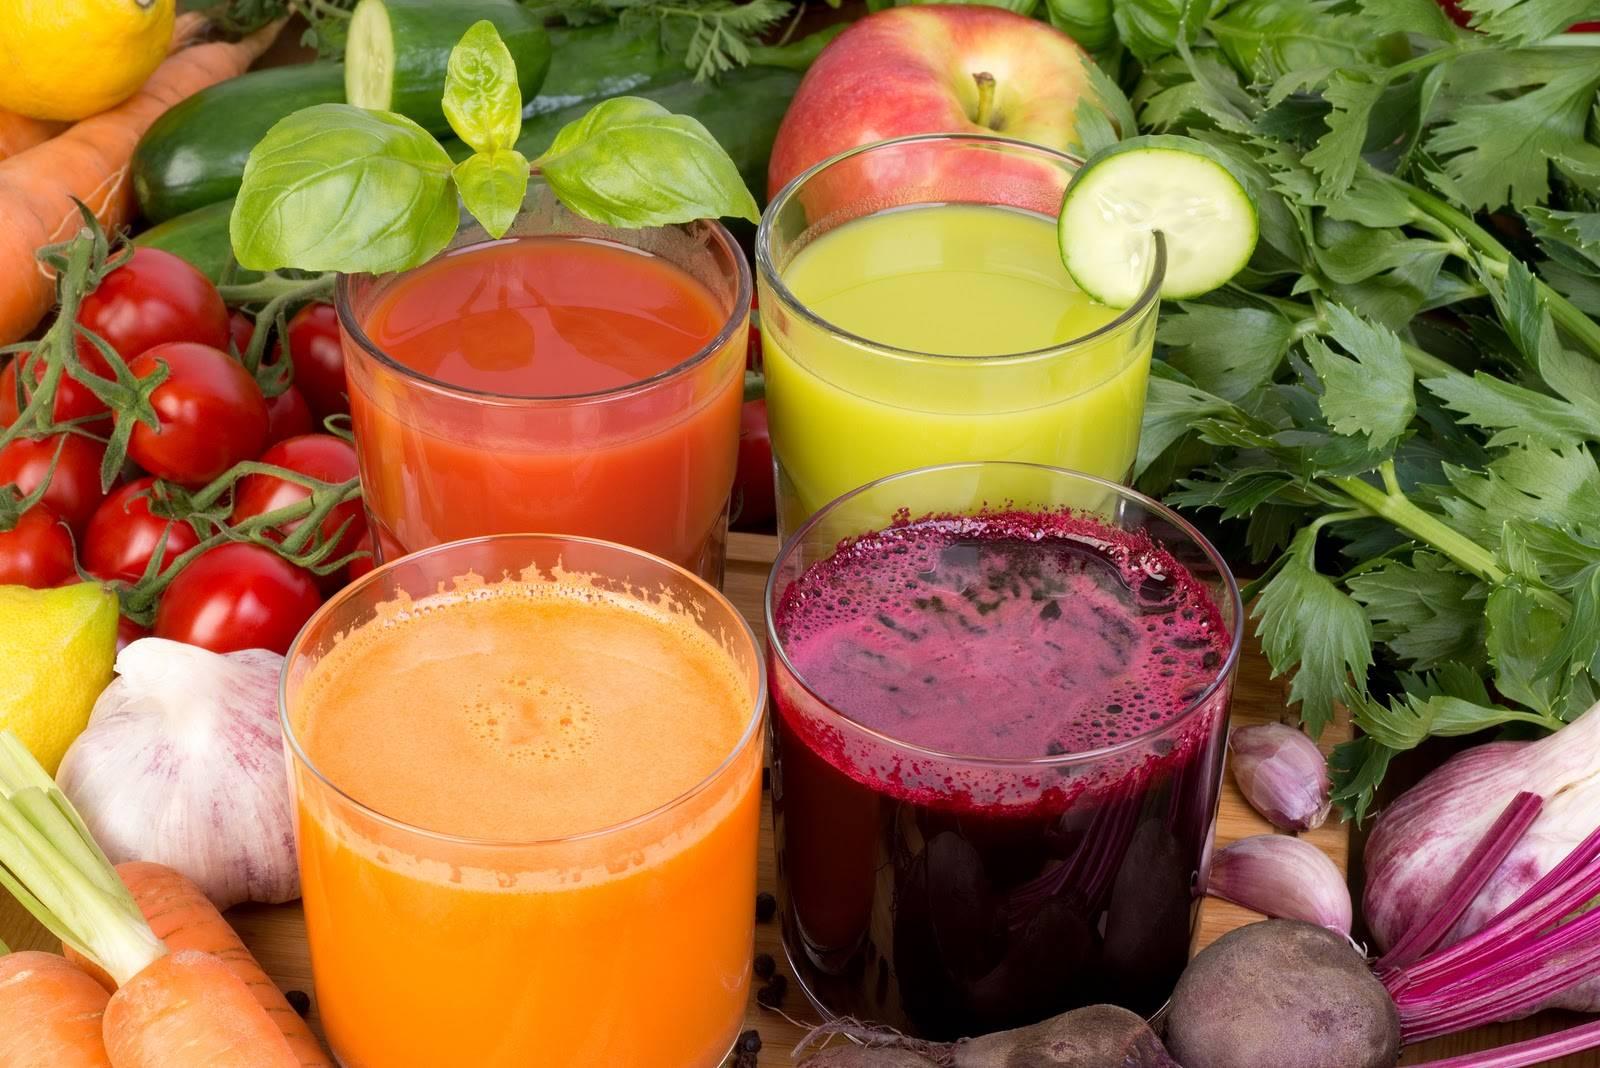 Nước ép rau củ quả - thực đơn giảm cân cấp tốc